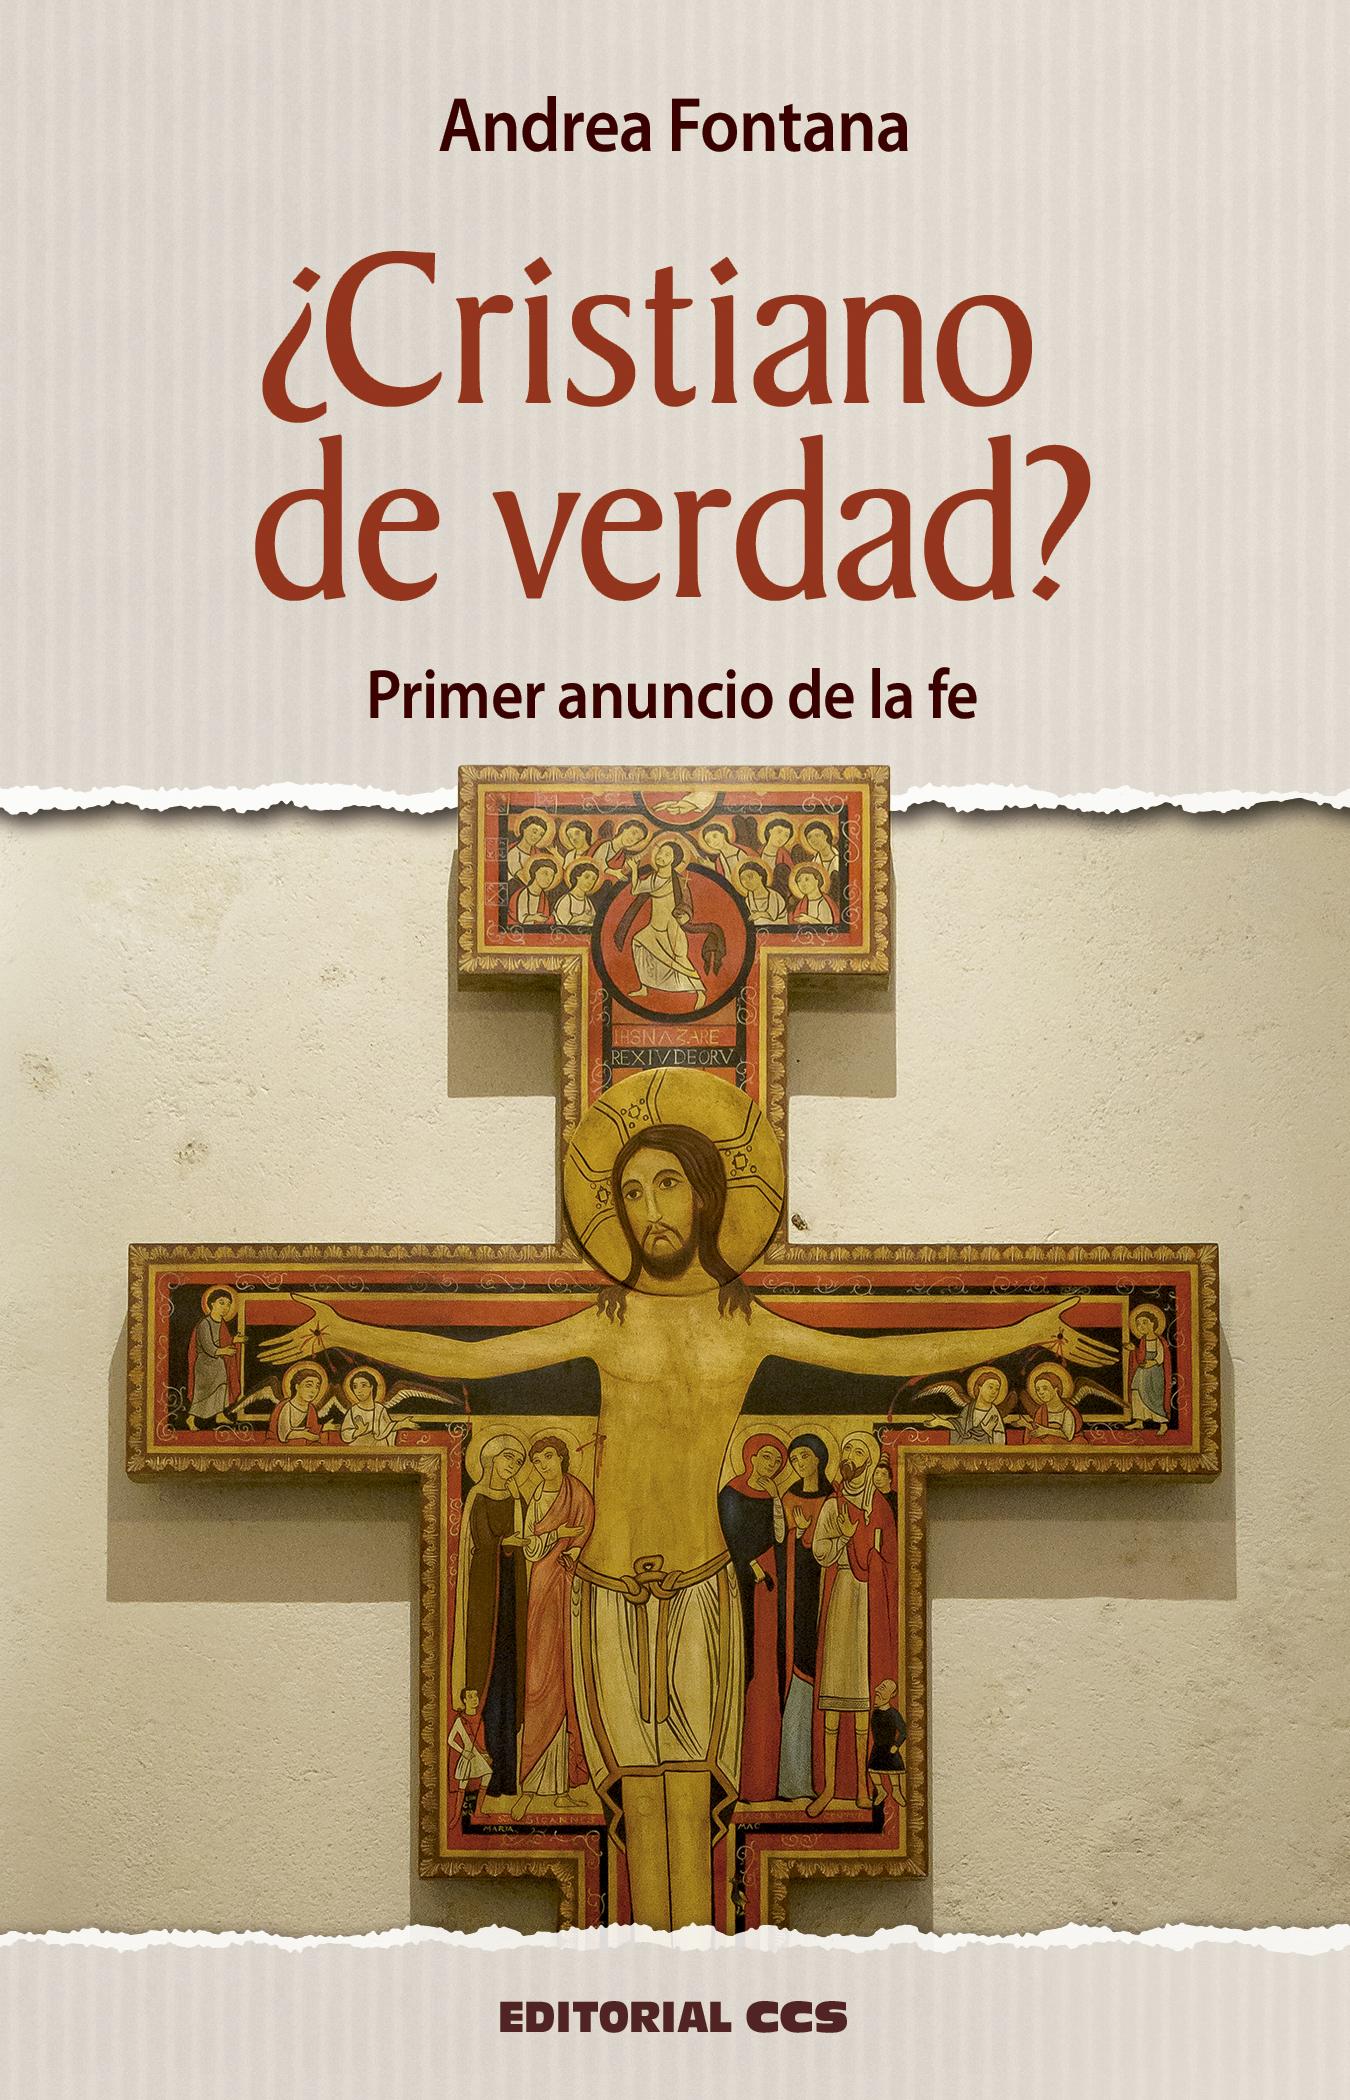 Cristiano de verdad? «Primer anuncio de la fe»